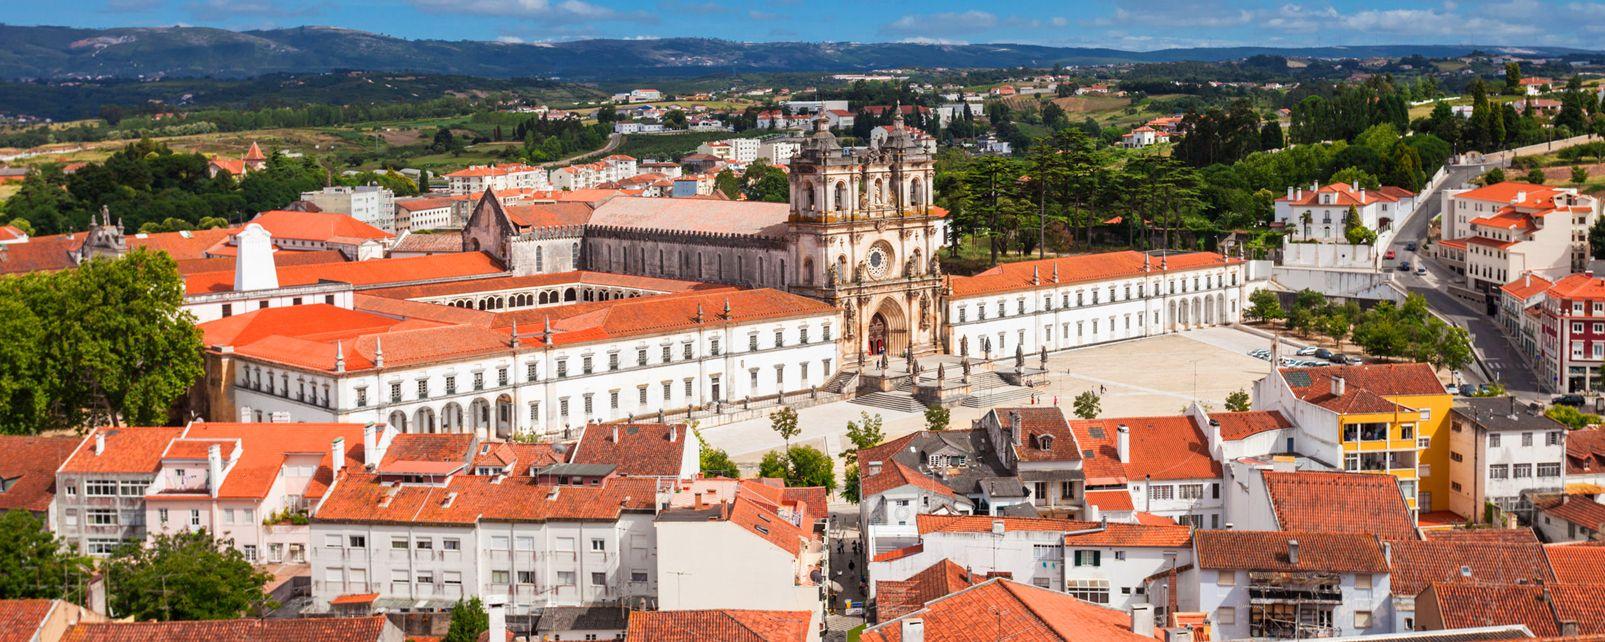 Monastère de Santa Maria à Alcobaça , Monastère de Santa Maria, Alcobaça , Portugal